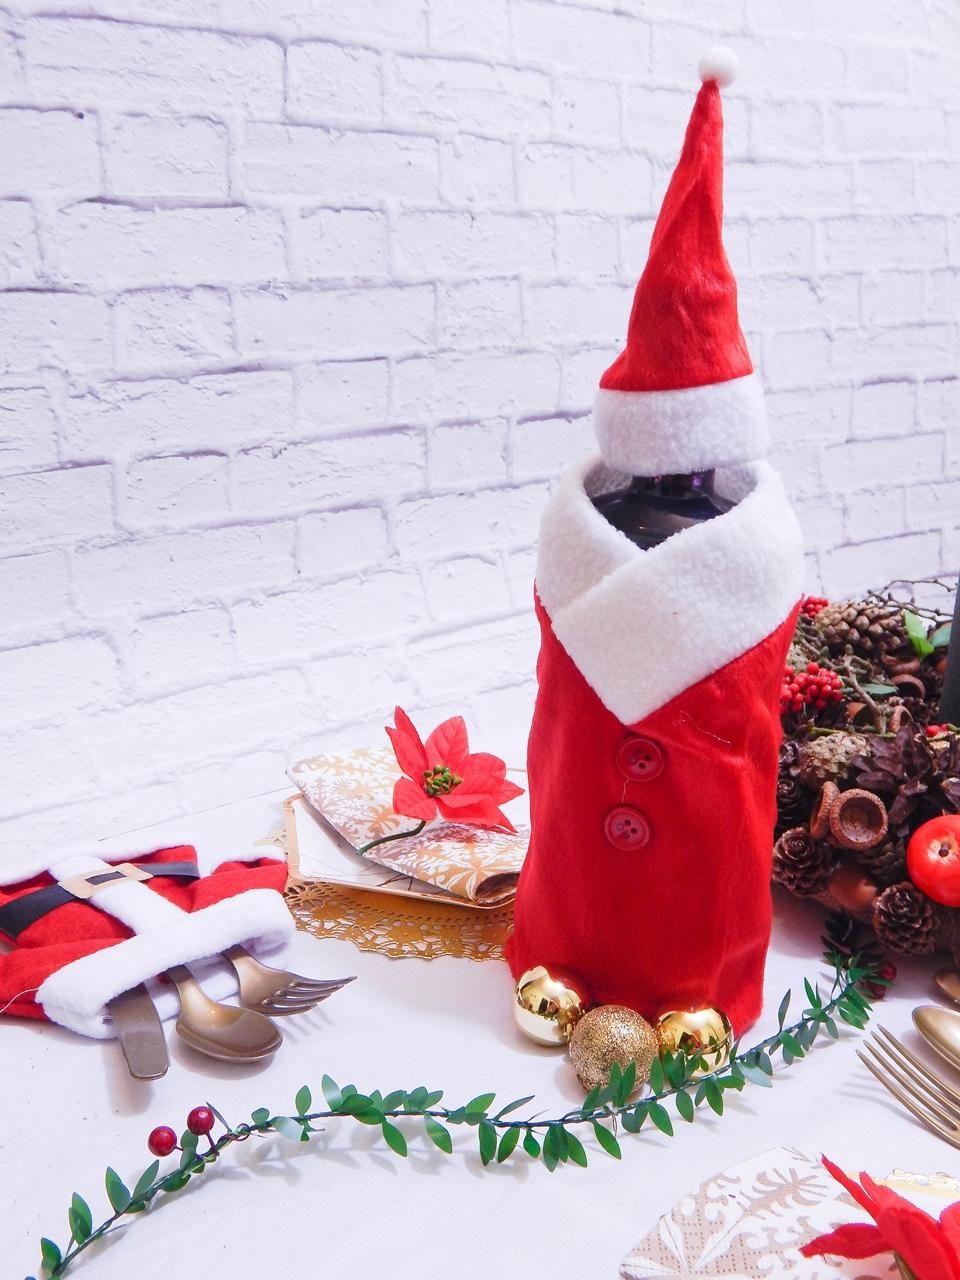 8 dekoracja świątecznego stołu jak udekorować stół na boże narodzenie dekoracja kolacja wigilijna dekoracja stroik na stół wigilijny wianek świeczka mikołajowe ubrania na butelki mikołaje na sztućce